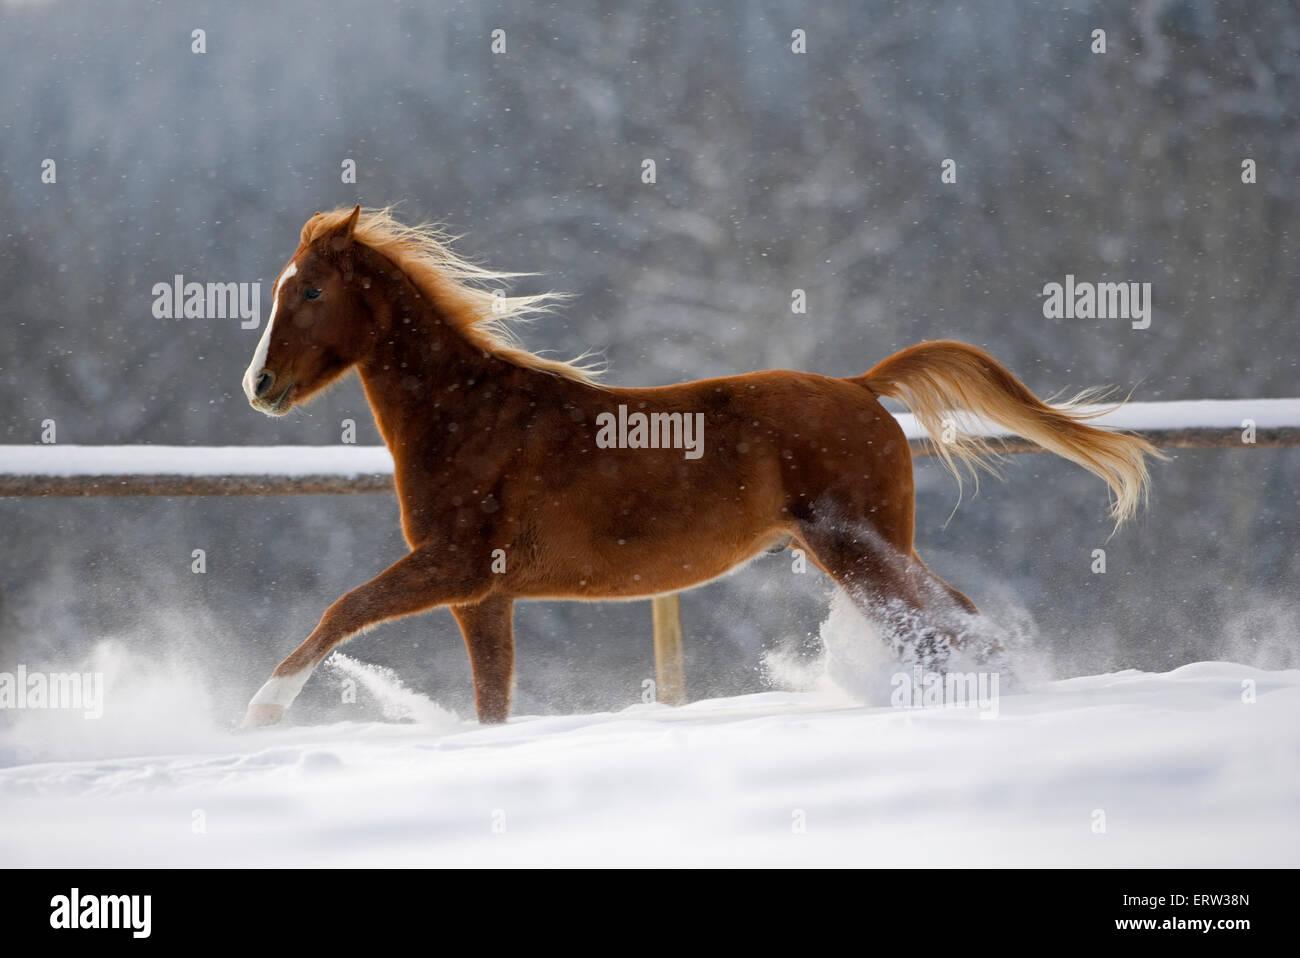 Arabian Horse trote en la nieve en los pastos de invierno Imagen De Stock